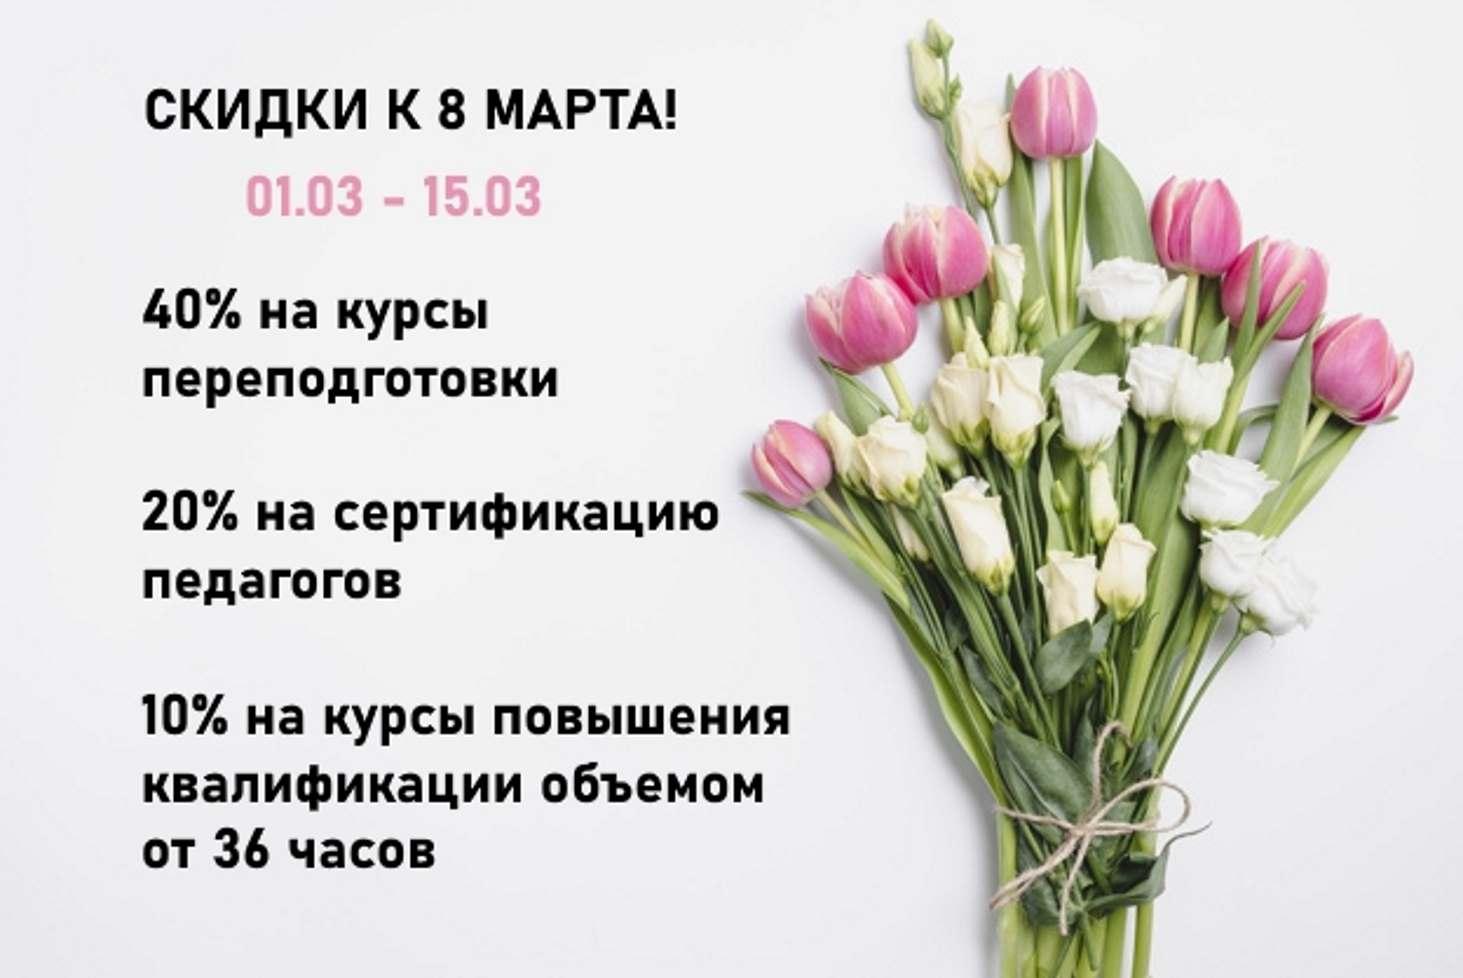 obrazovatelnyj-tsentr-moj-universitet-zapustil-aktsiyu-skidok-k-8-marta